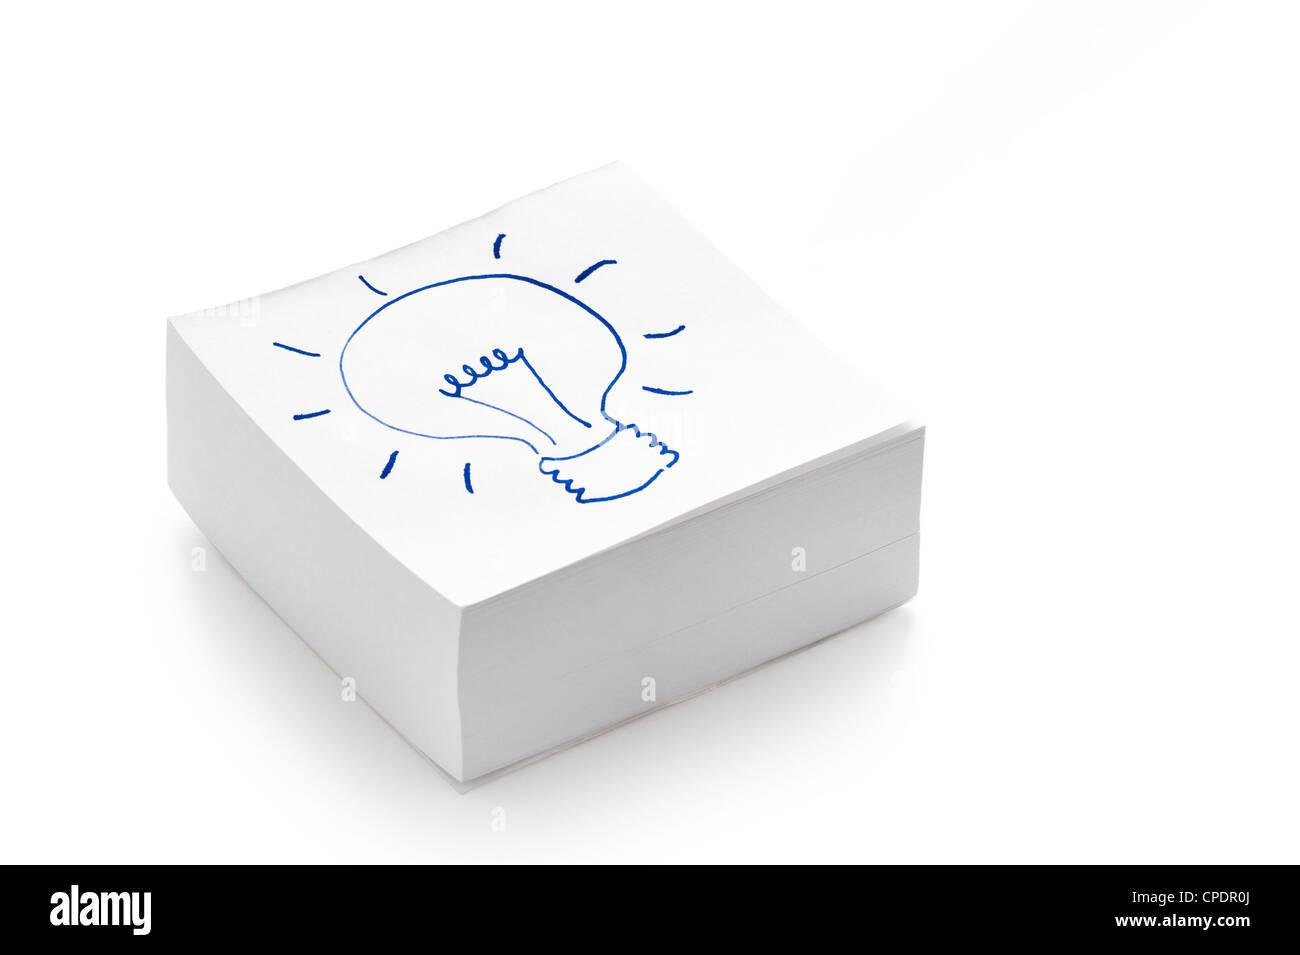 Glühbirne, die Zeichnung auf einen Stapel Post es Notizen illustriert das Konzept des Habens einer Idee Stockbild